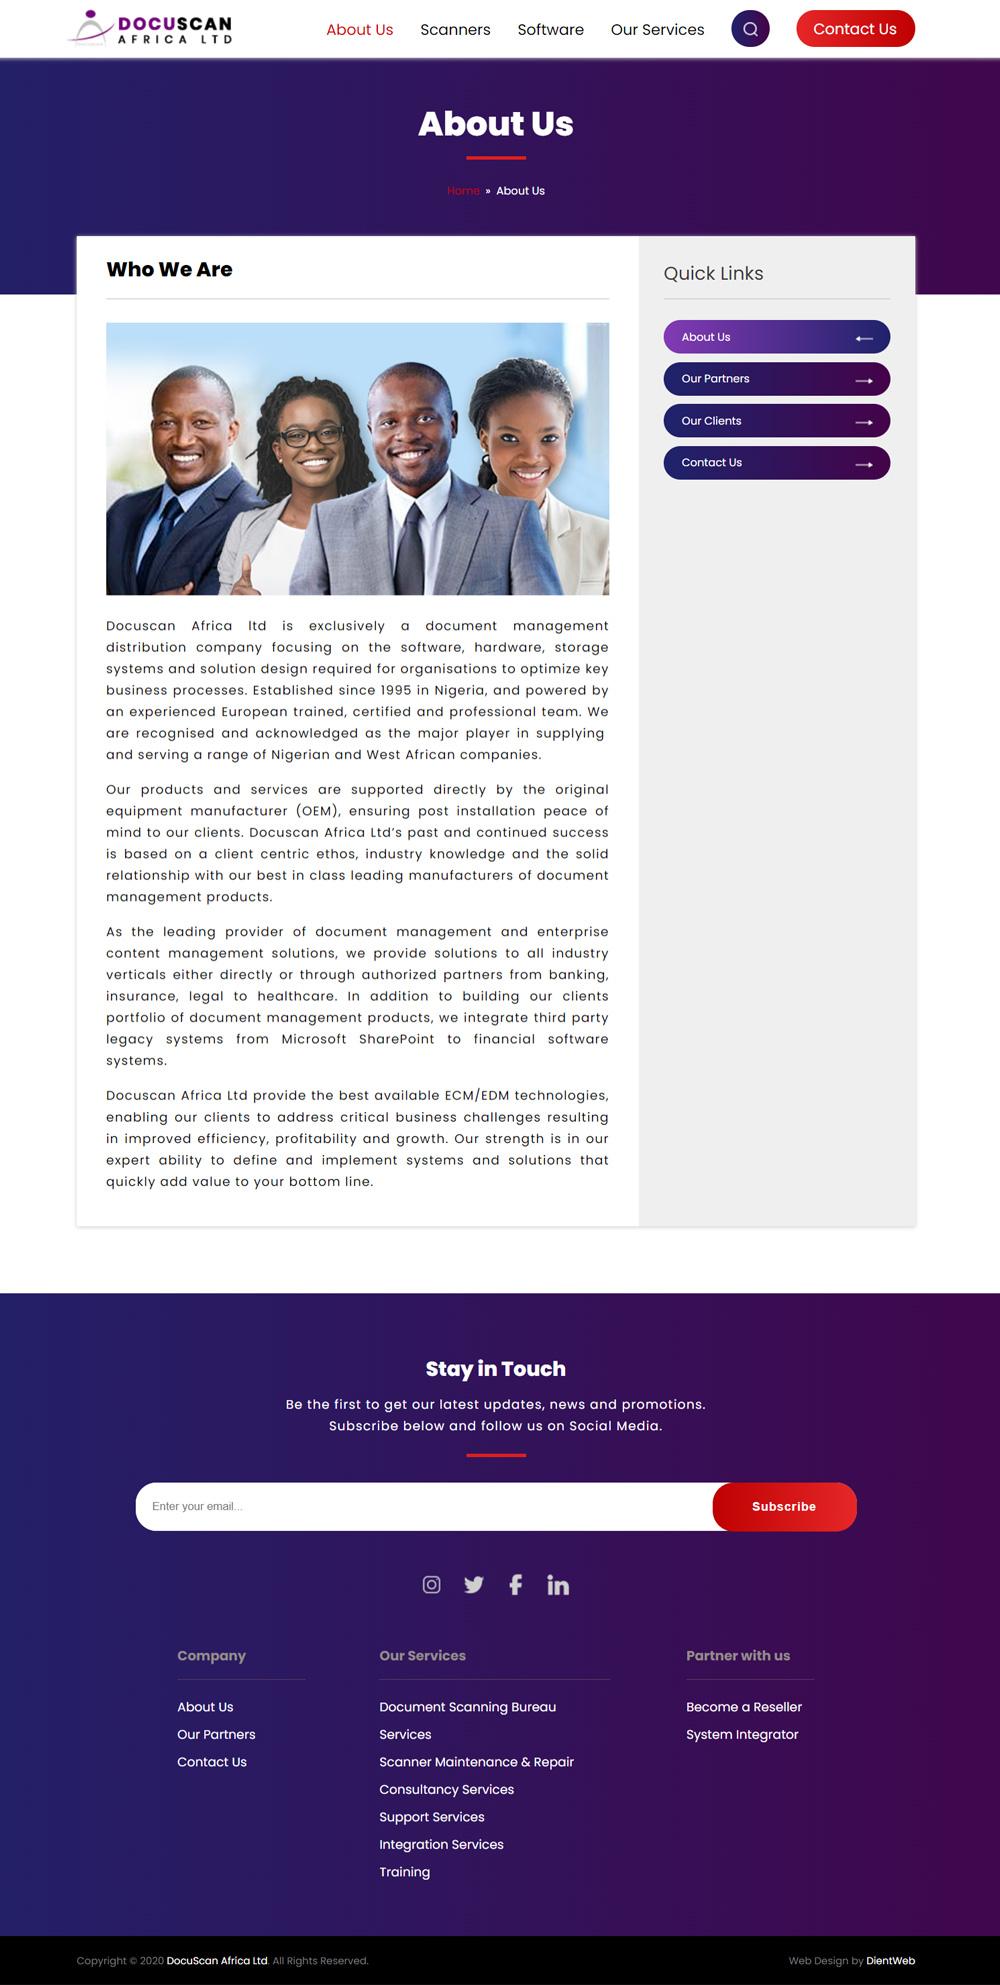 docuscan website redesign